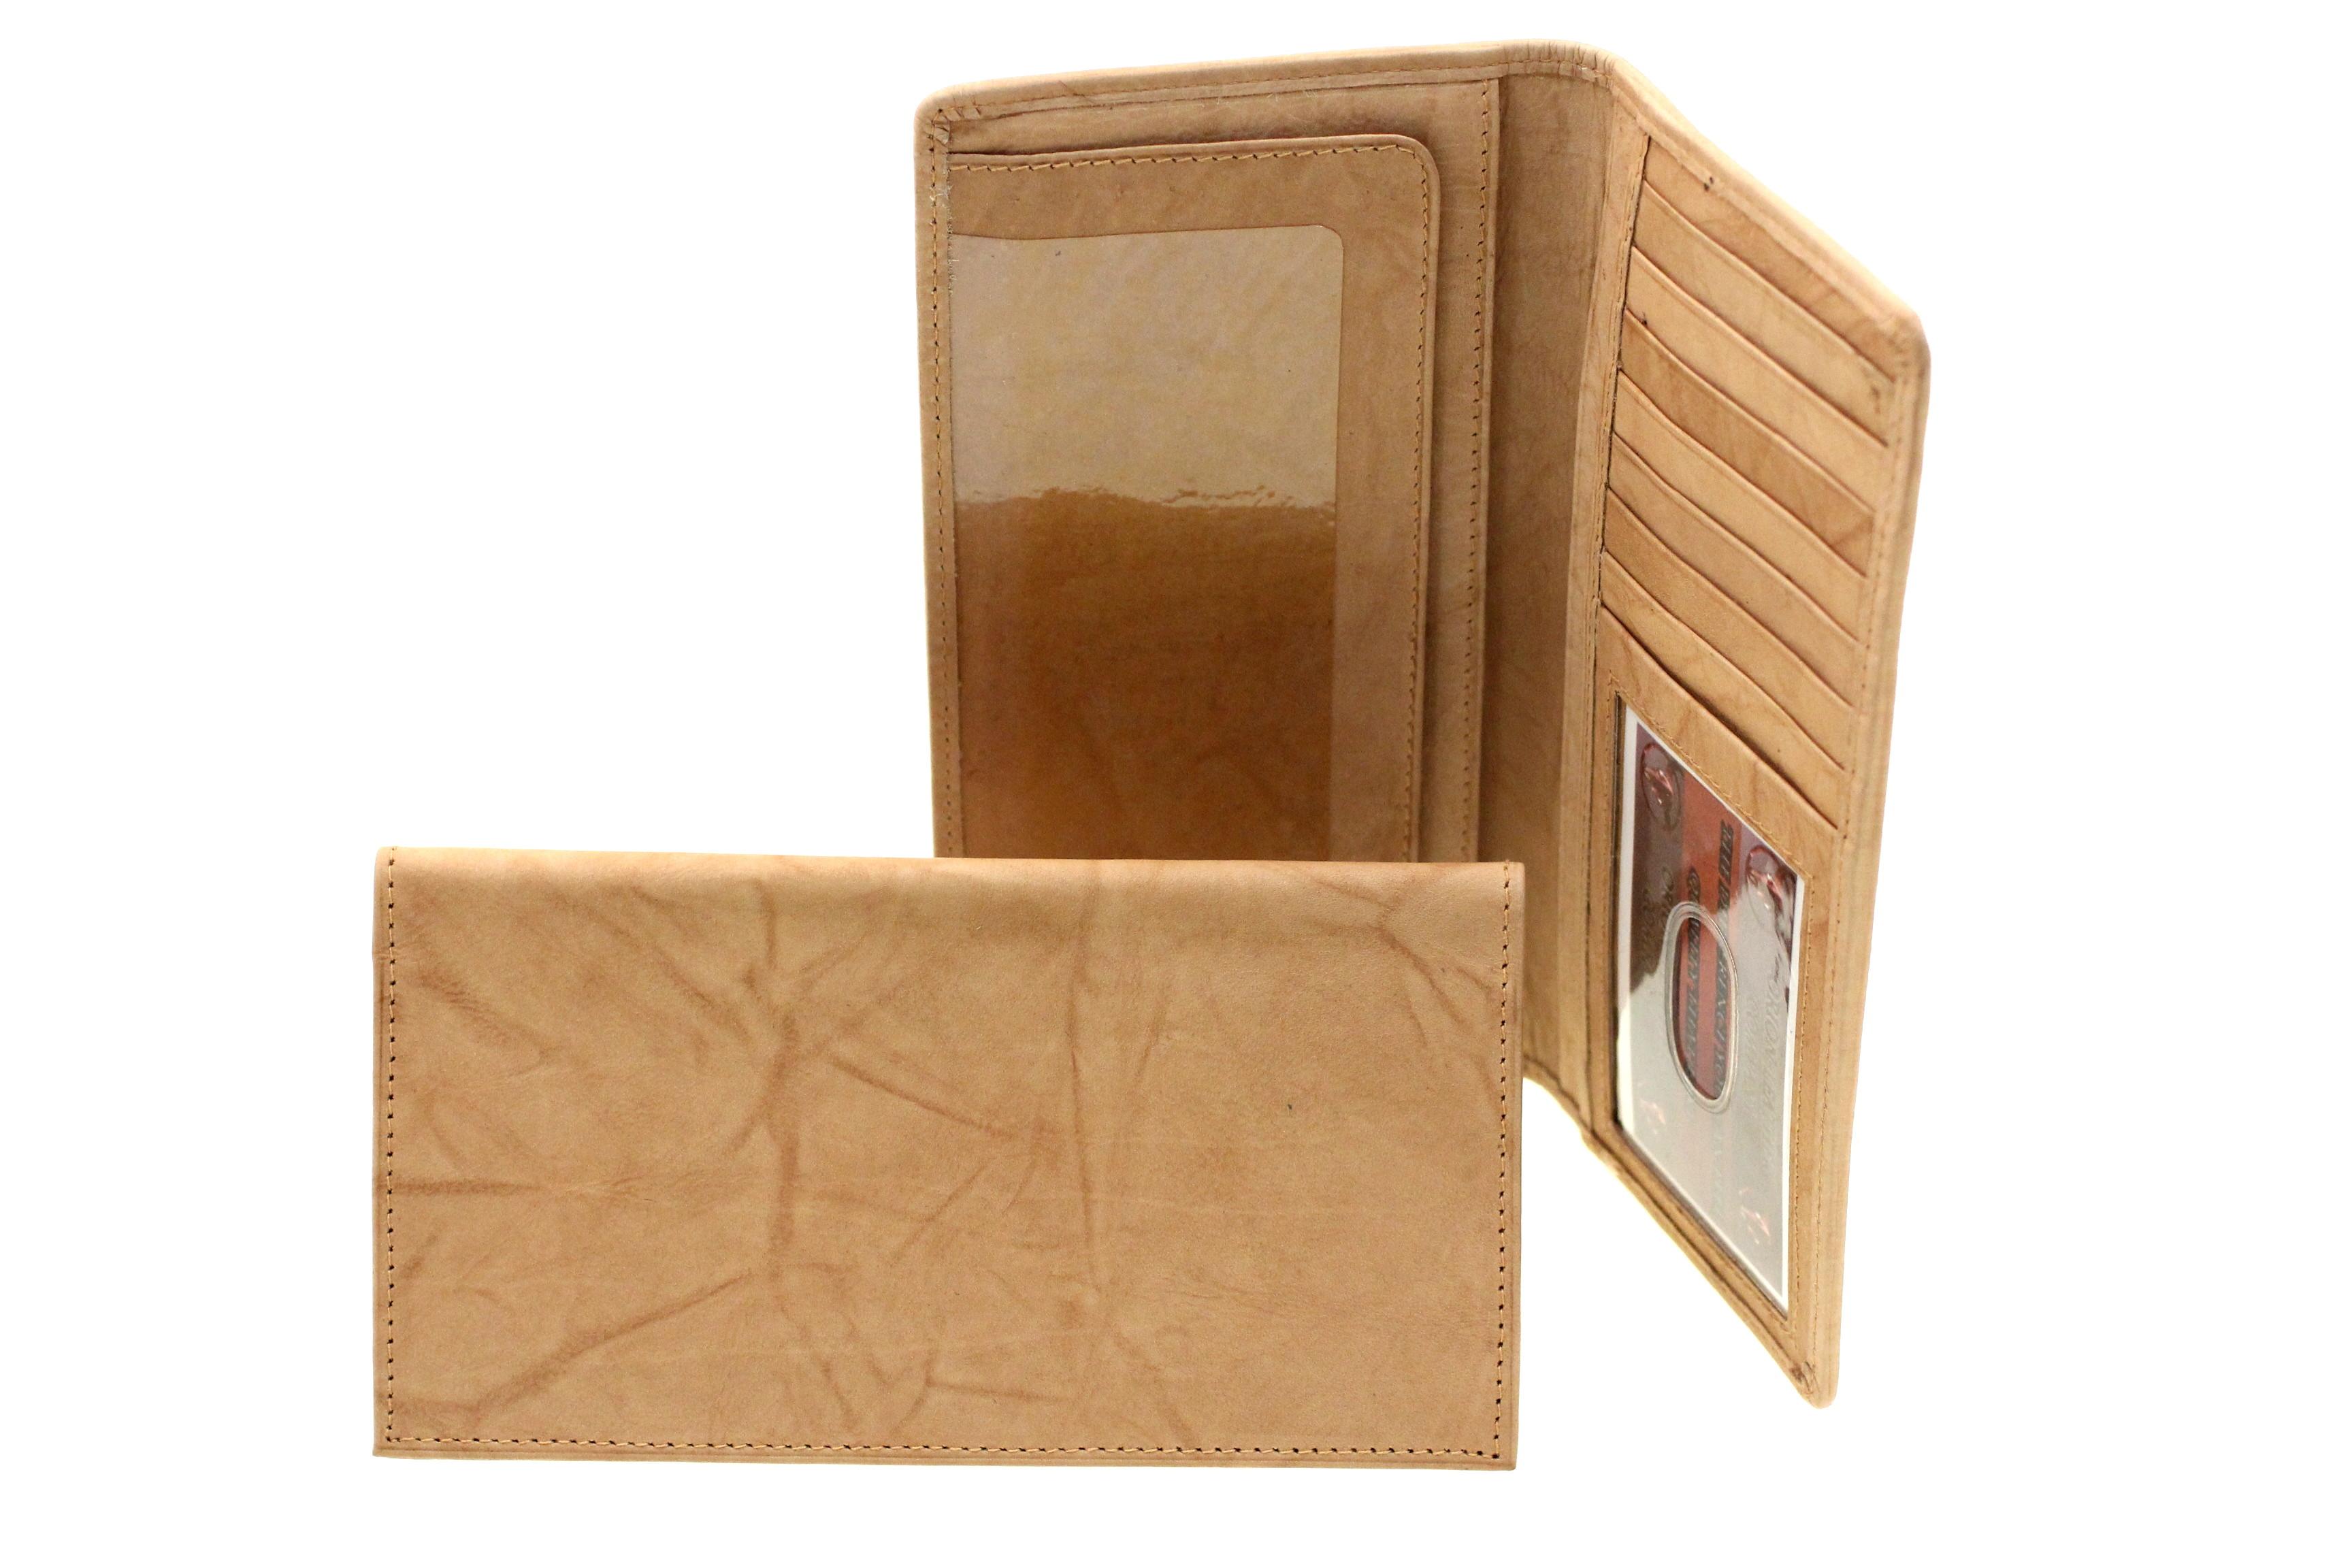 Leather Checkbook Wallet Credit Card Holder